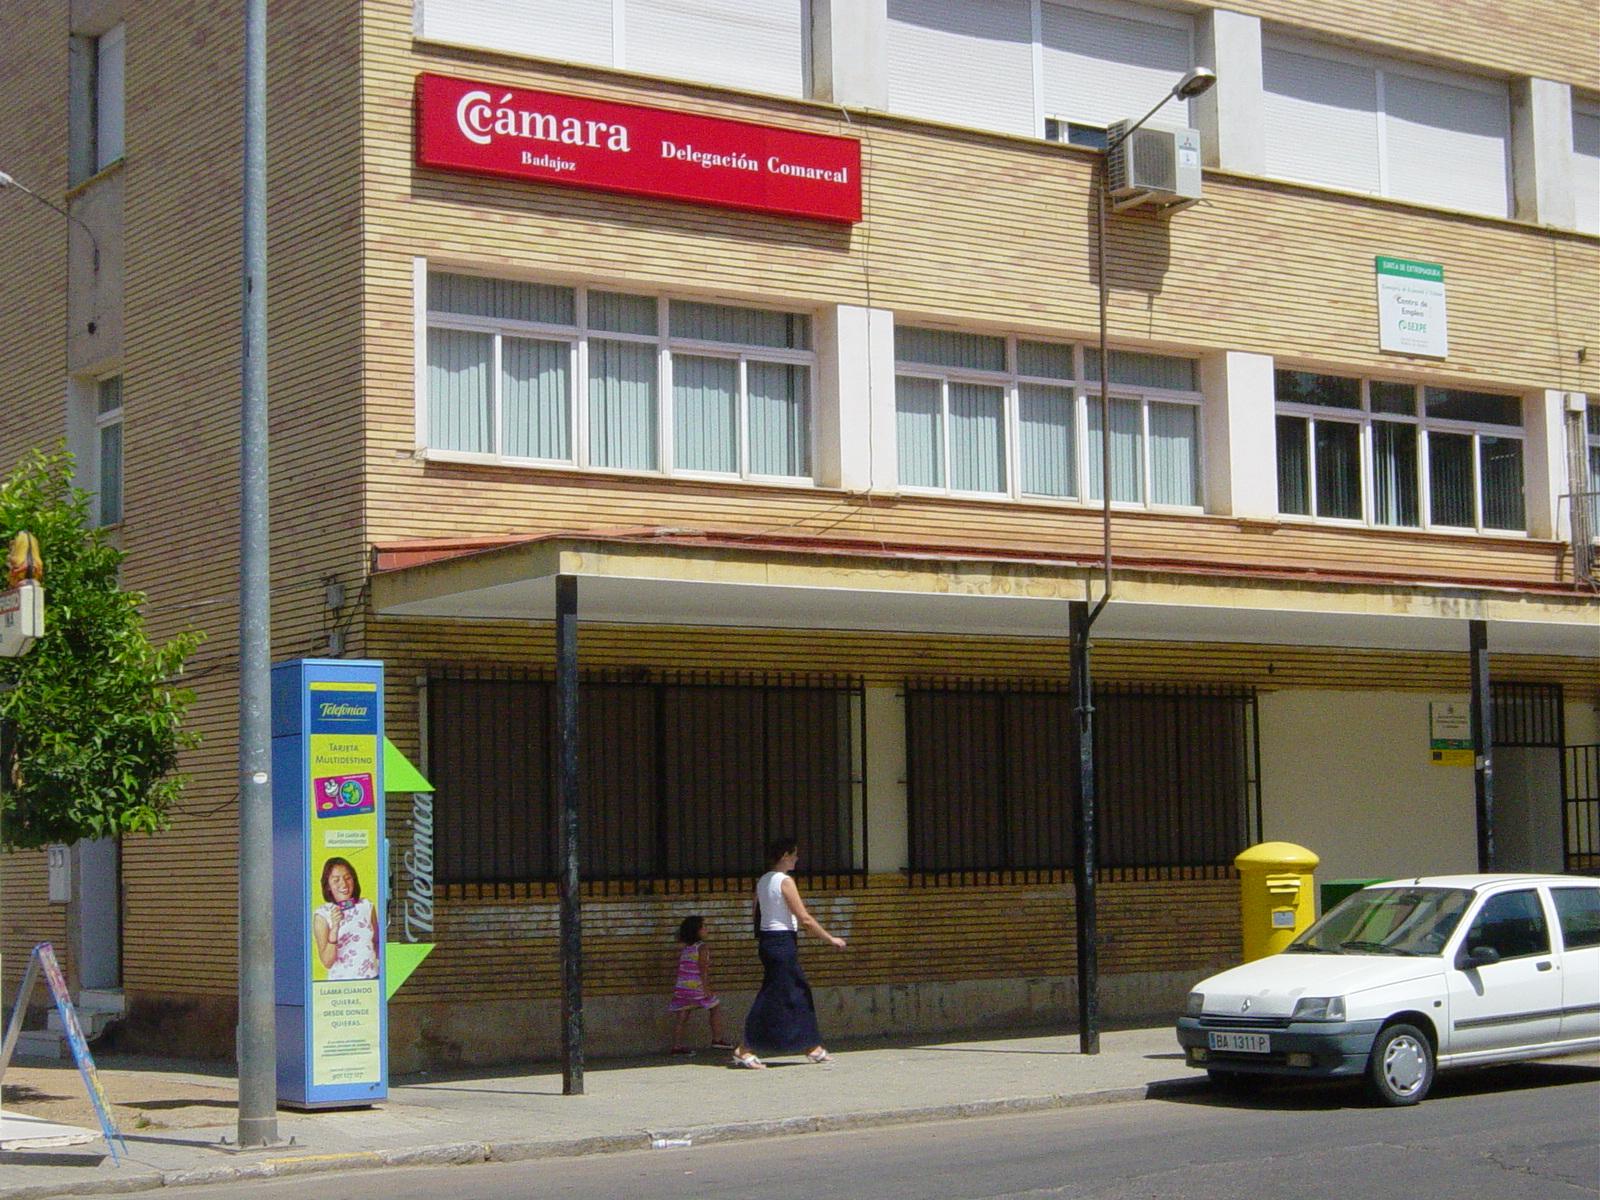 Cámara de Comercio de Badajoz